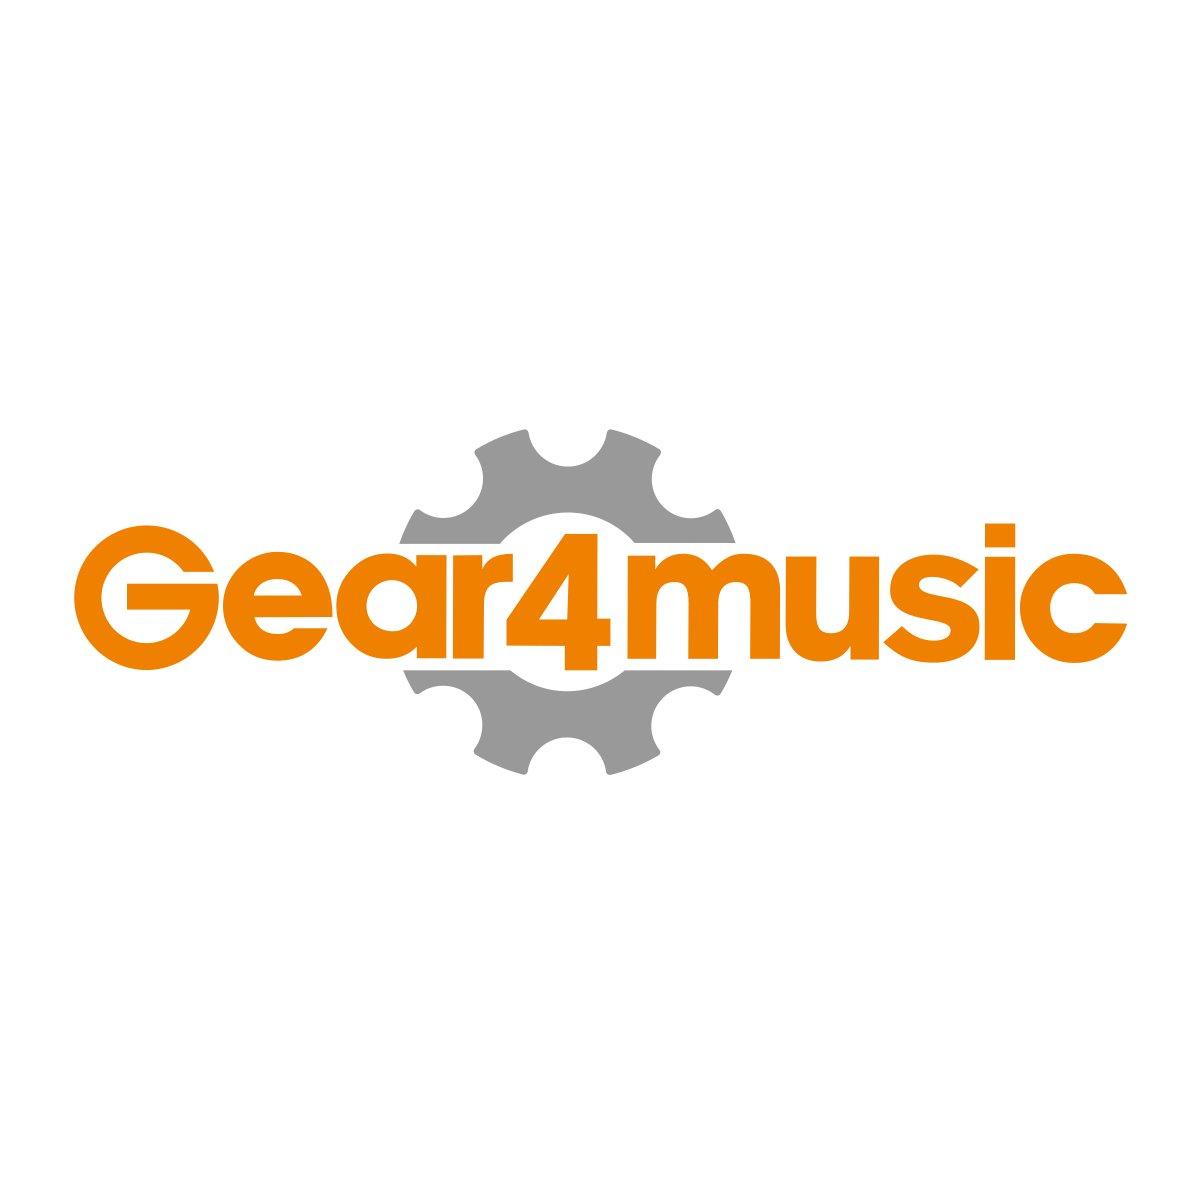 3/4 rejse Electro Akustisk Guitar med Gear4music, sort